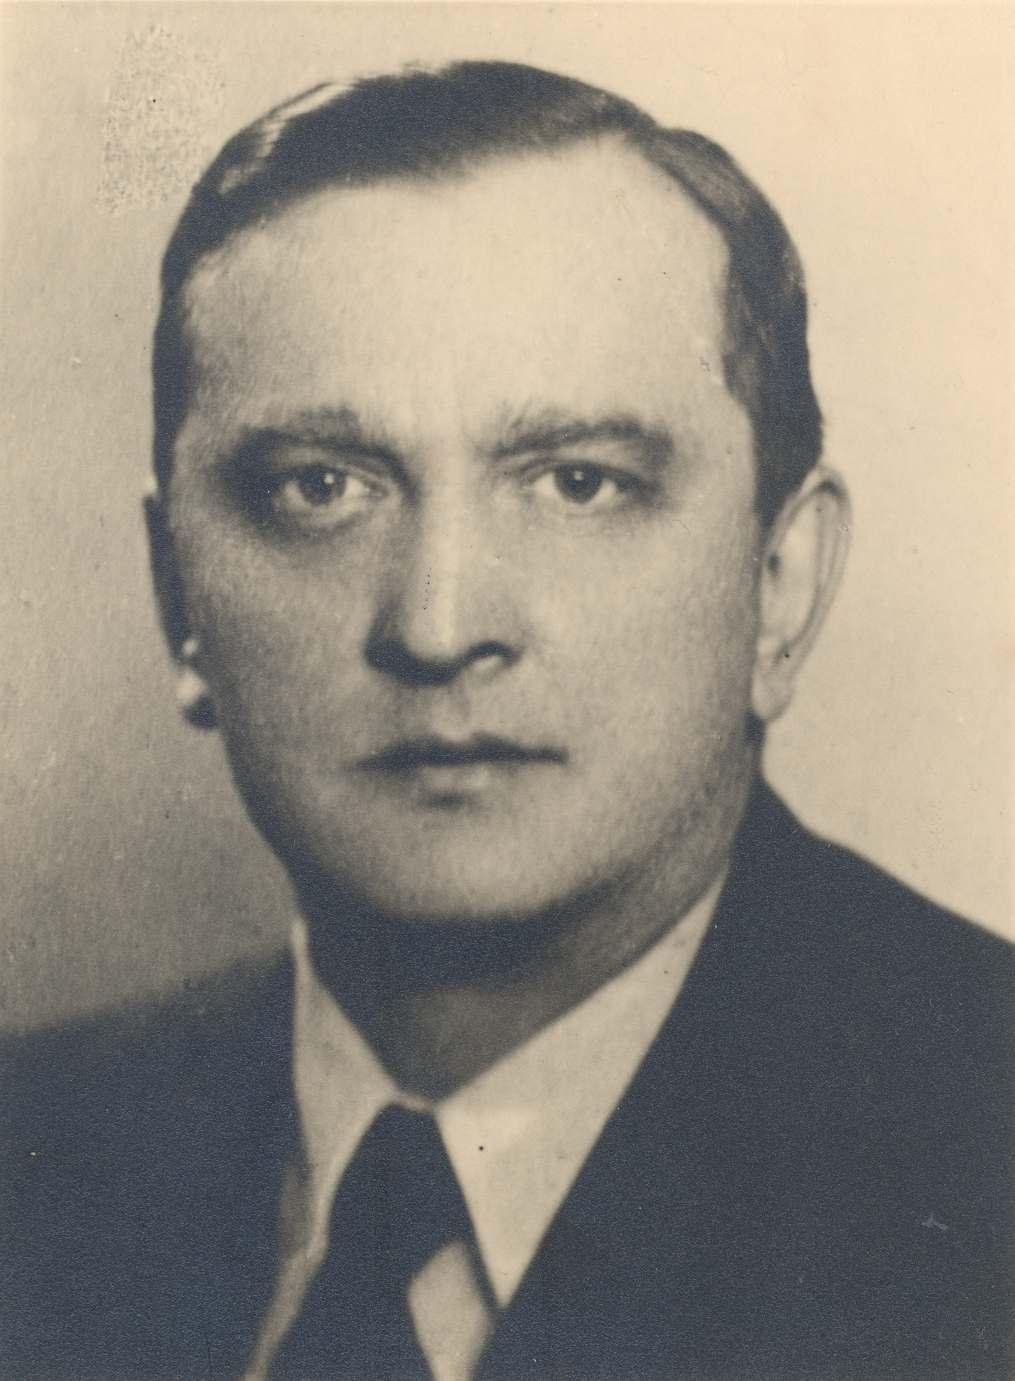 Stefan Banach (ur. 30 marca 1892 w Krakowie, zm. 31 sierpnia 1945 we Lwowie) – polski matematyk, jeden z przedstawicieli lwowskiej szkoły matematycznej.